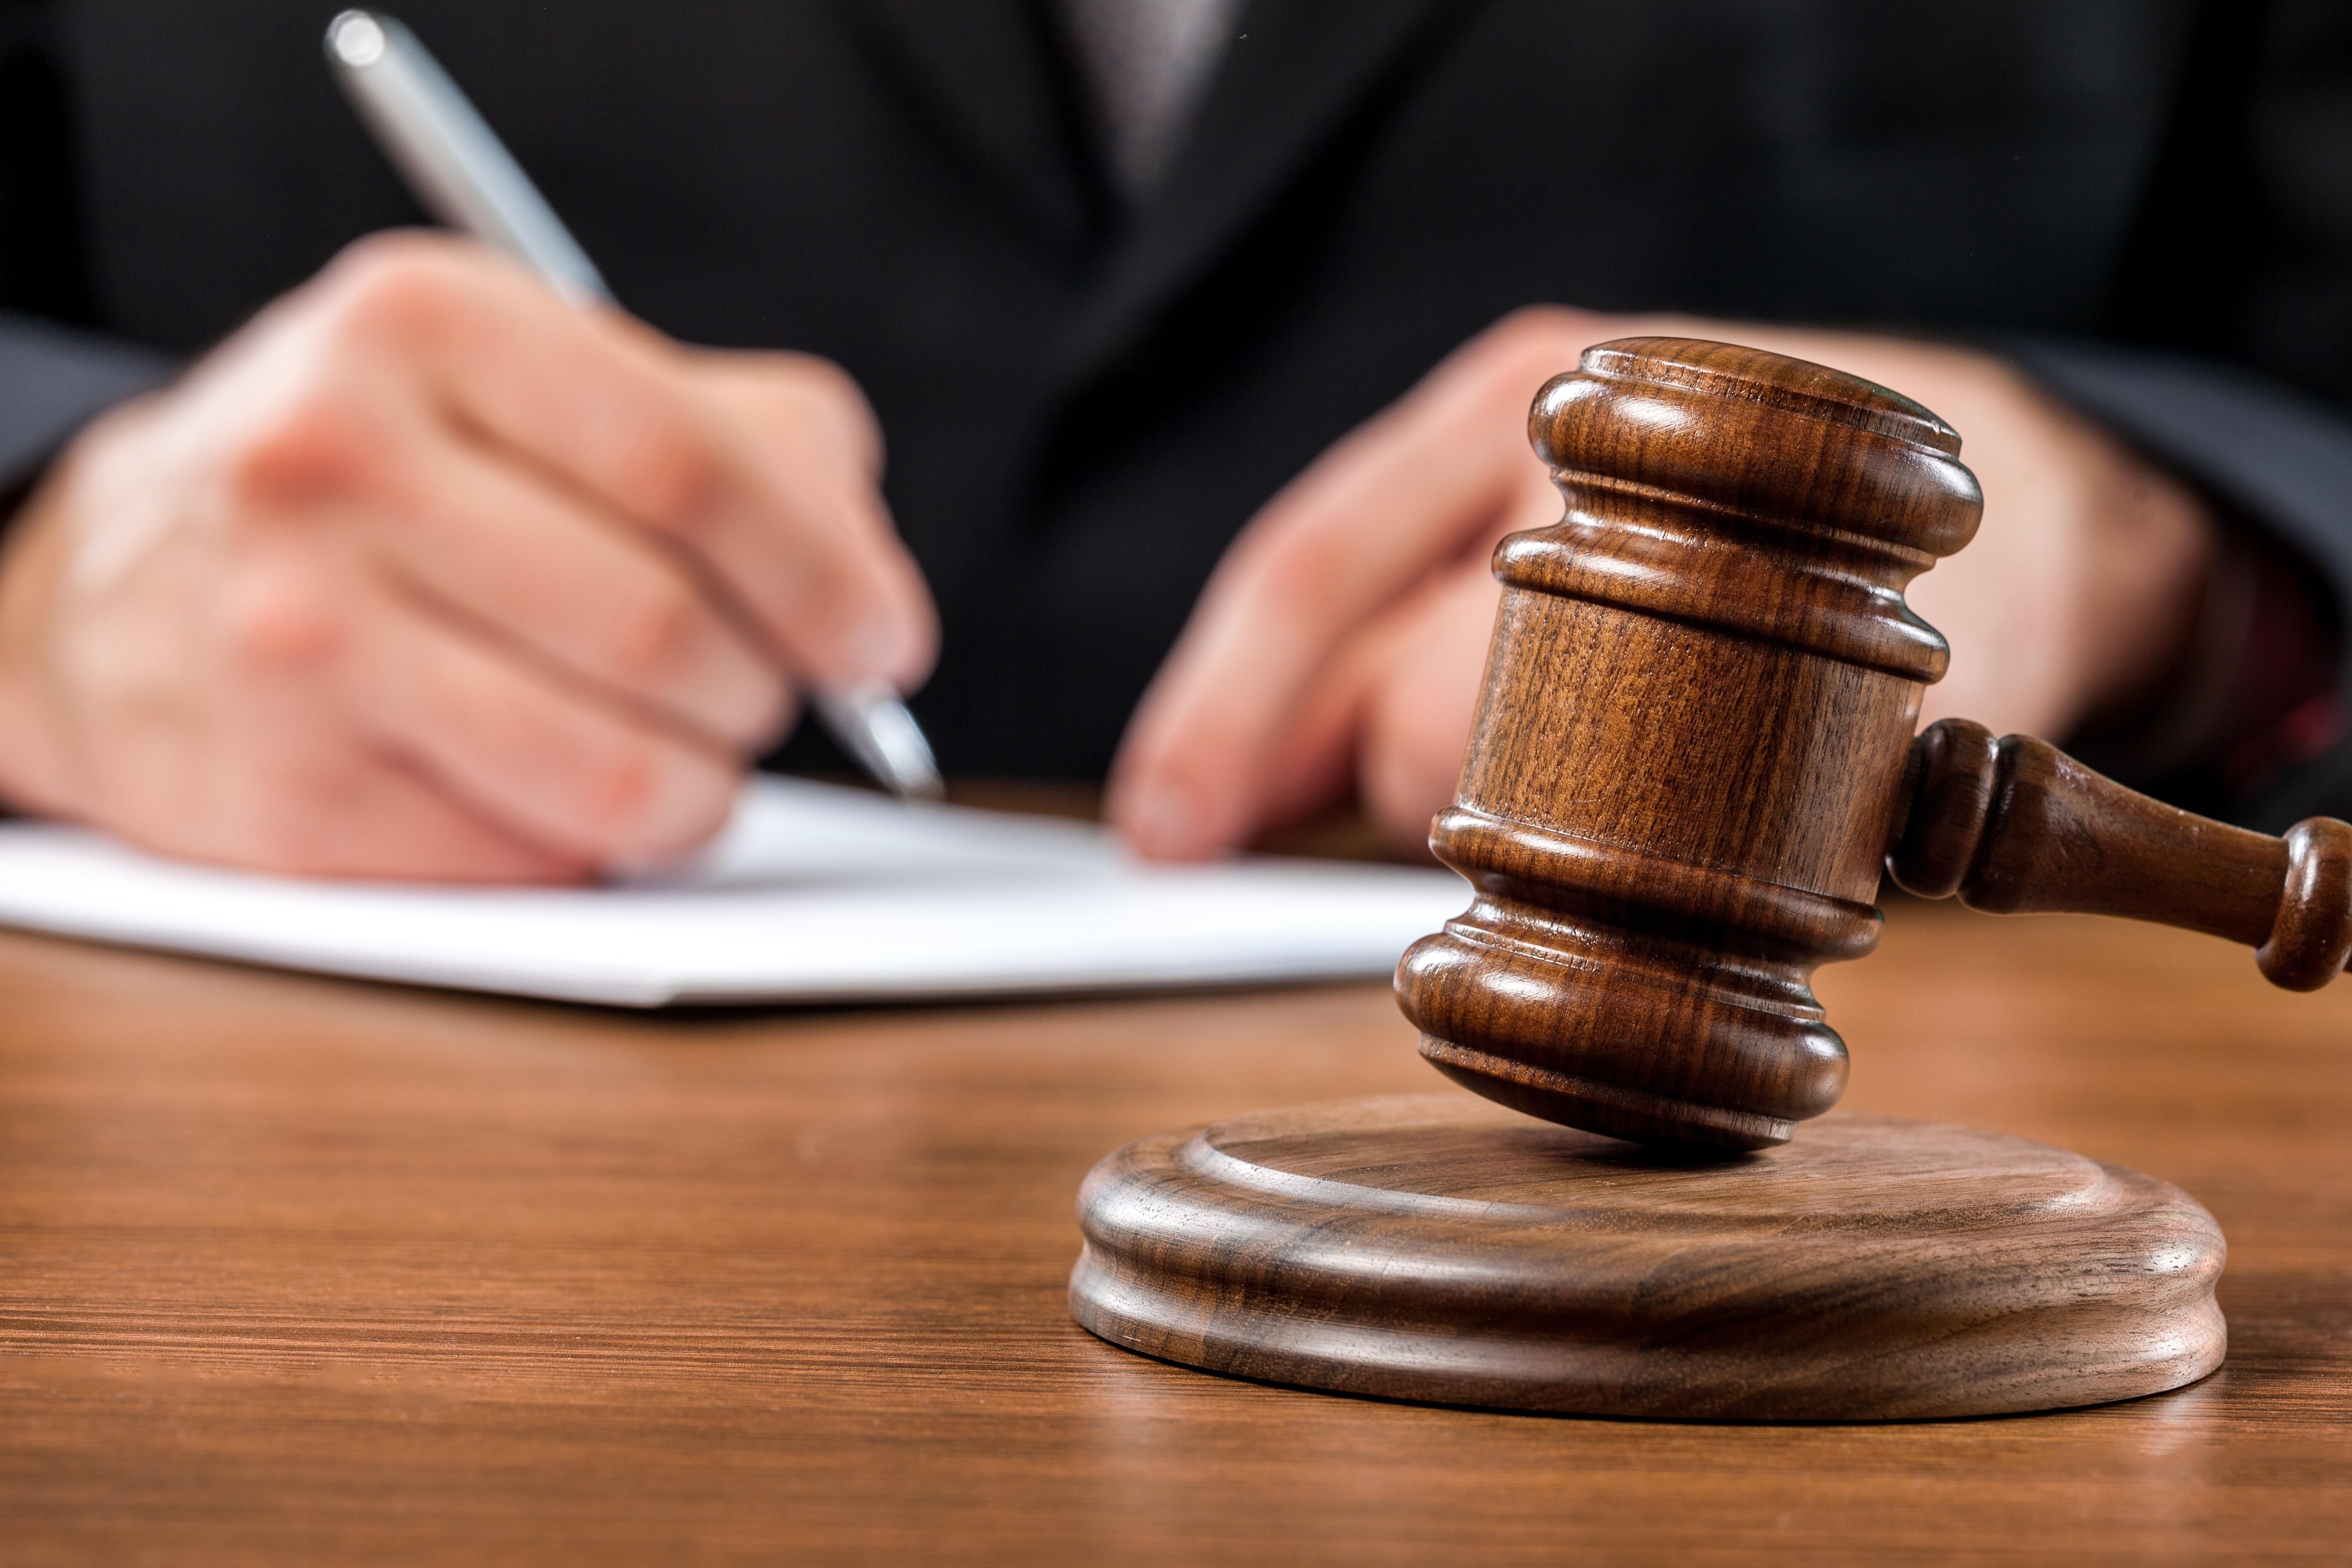 地裁判決【宝飾店舗の賃貸借について、定期建物賃貸借の事前説明があったと認められた事例】